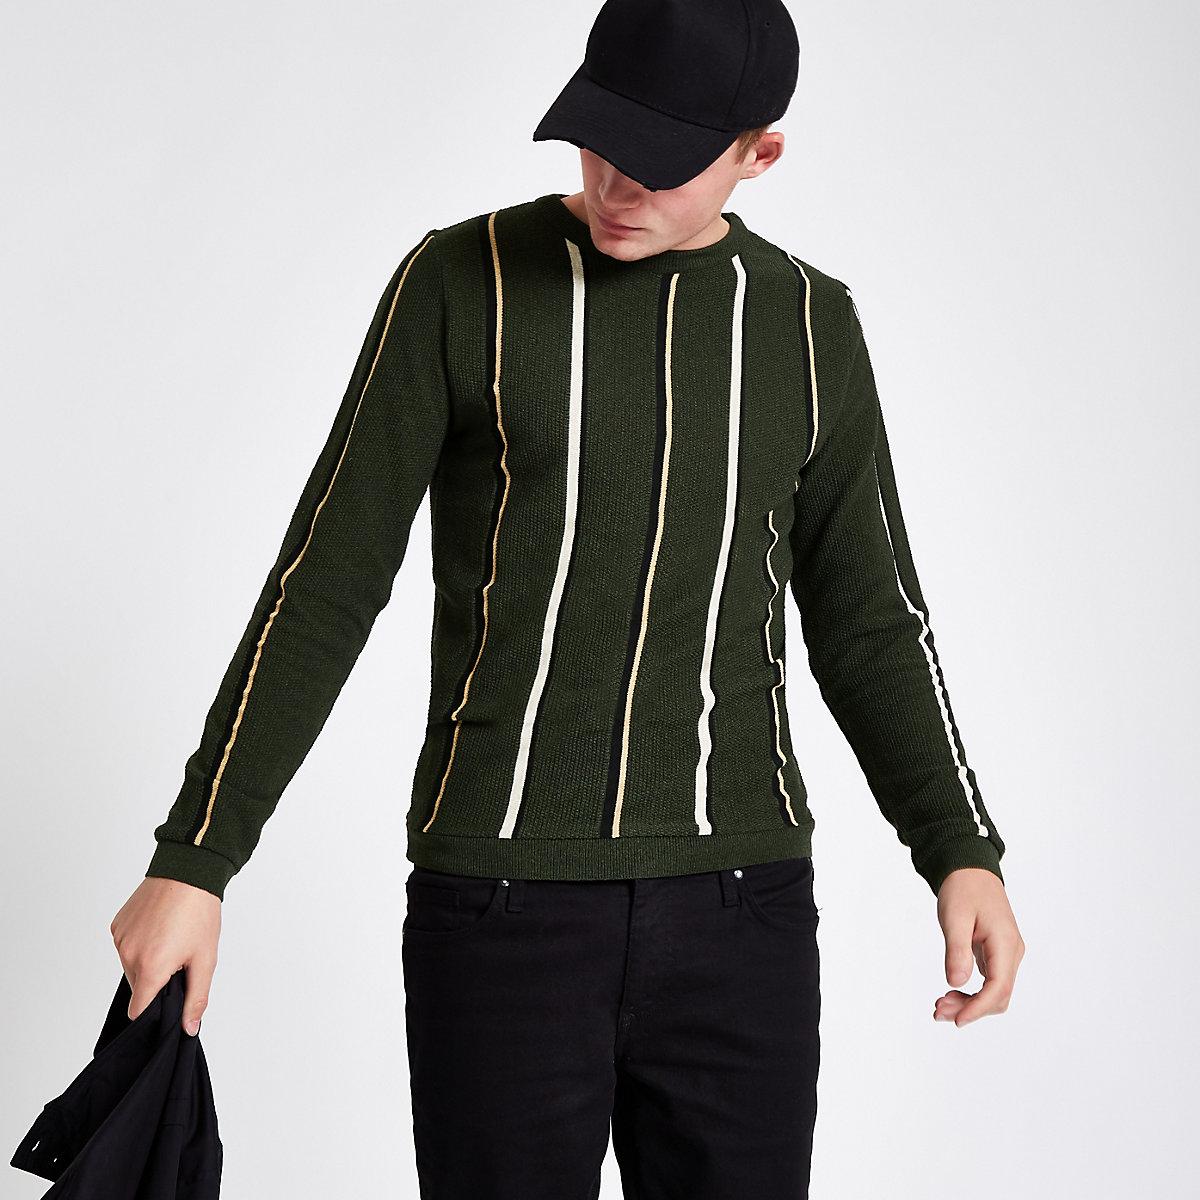 Khaki green slim fit stripe textured sweater